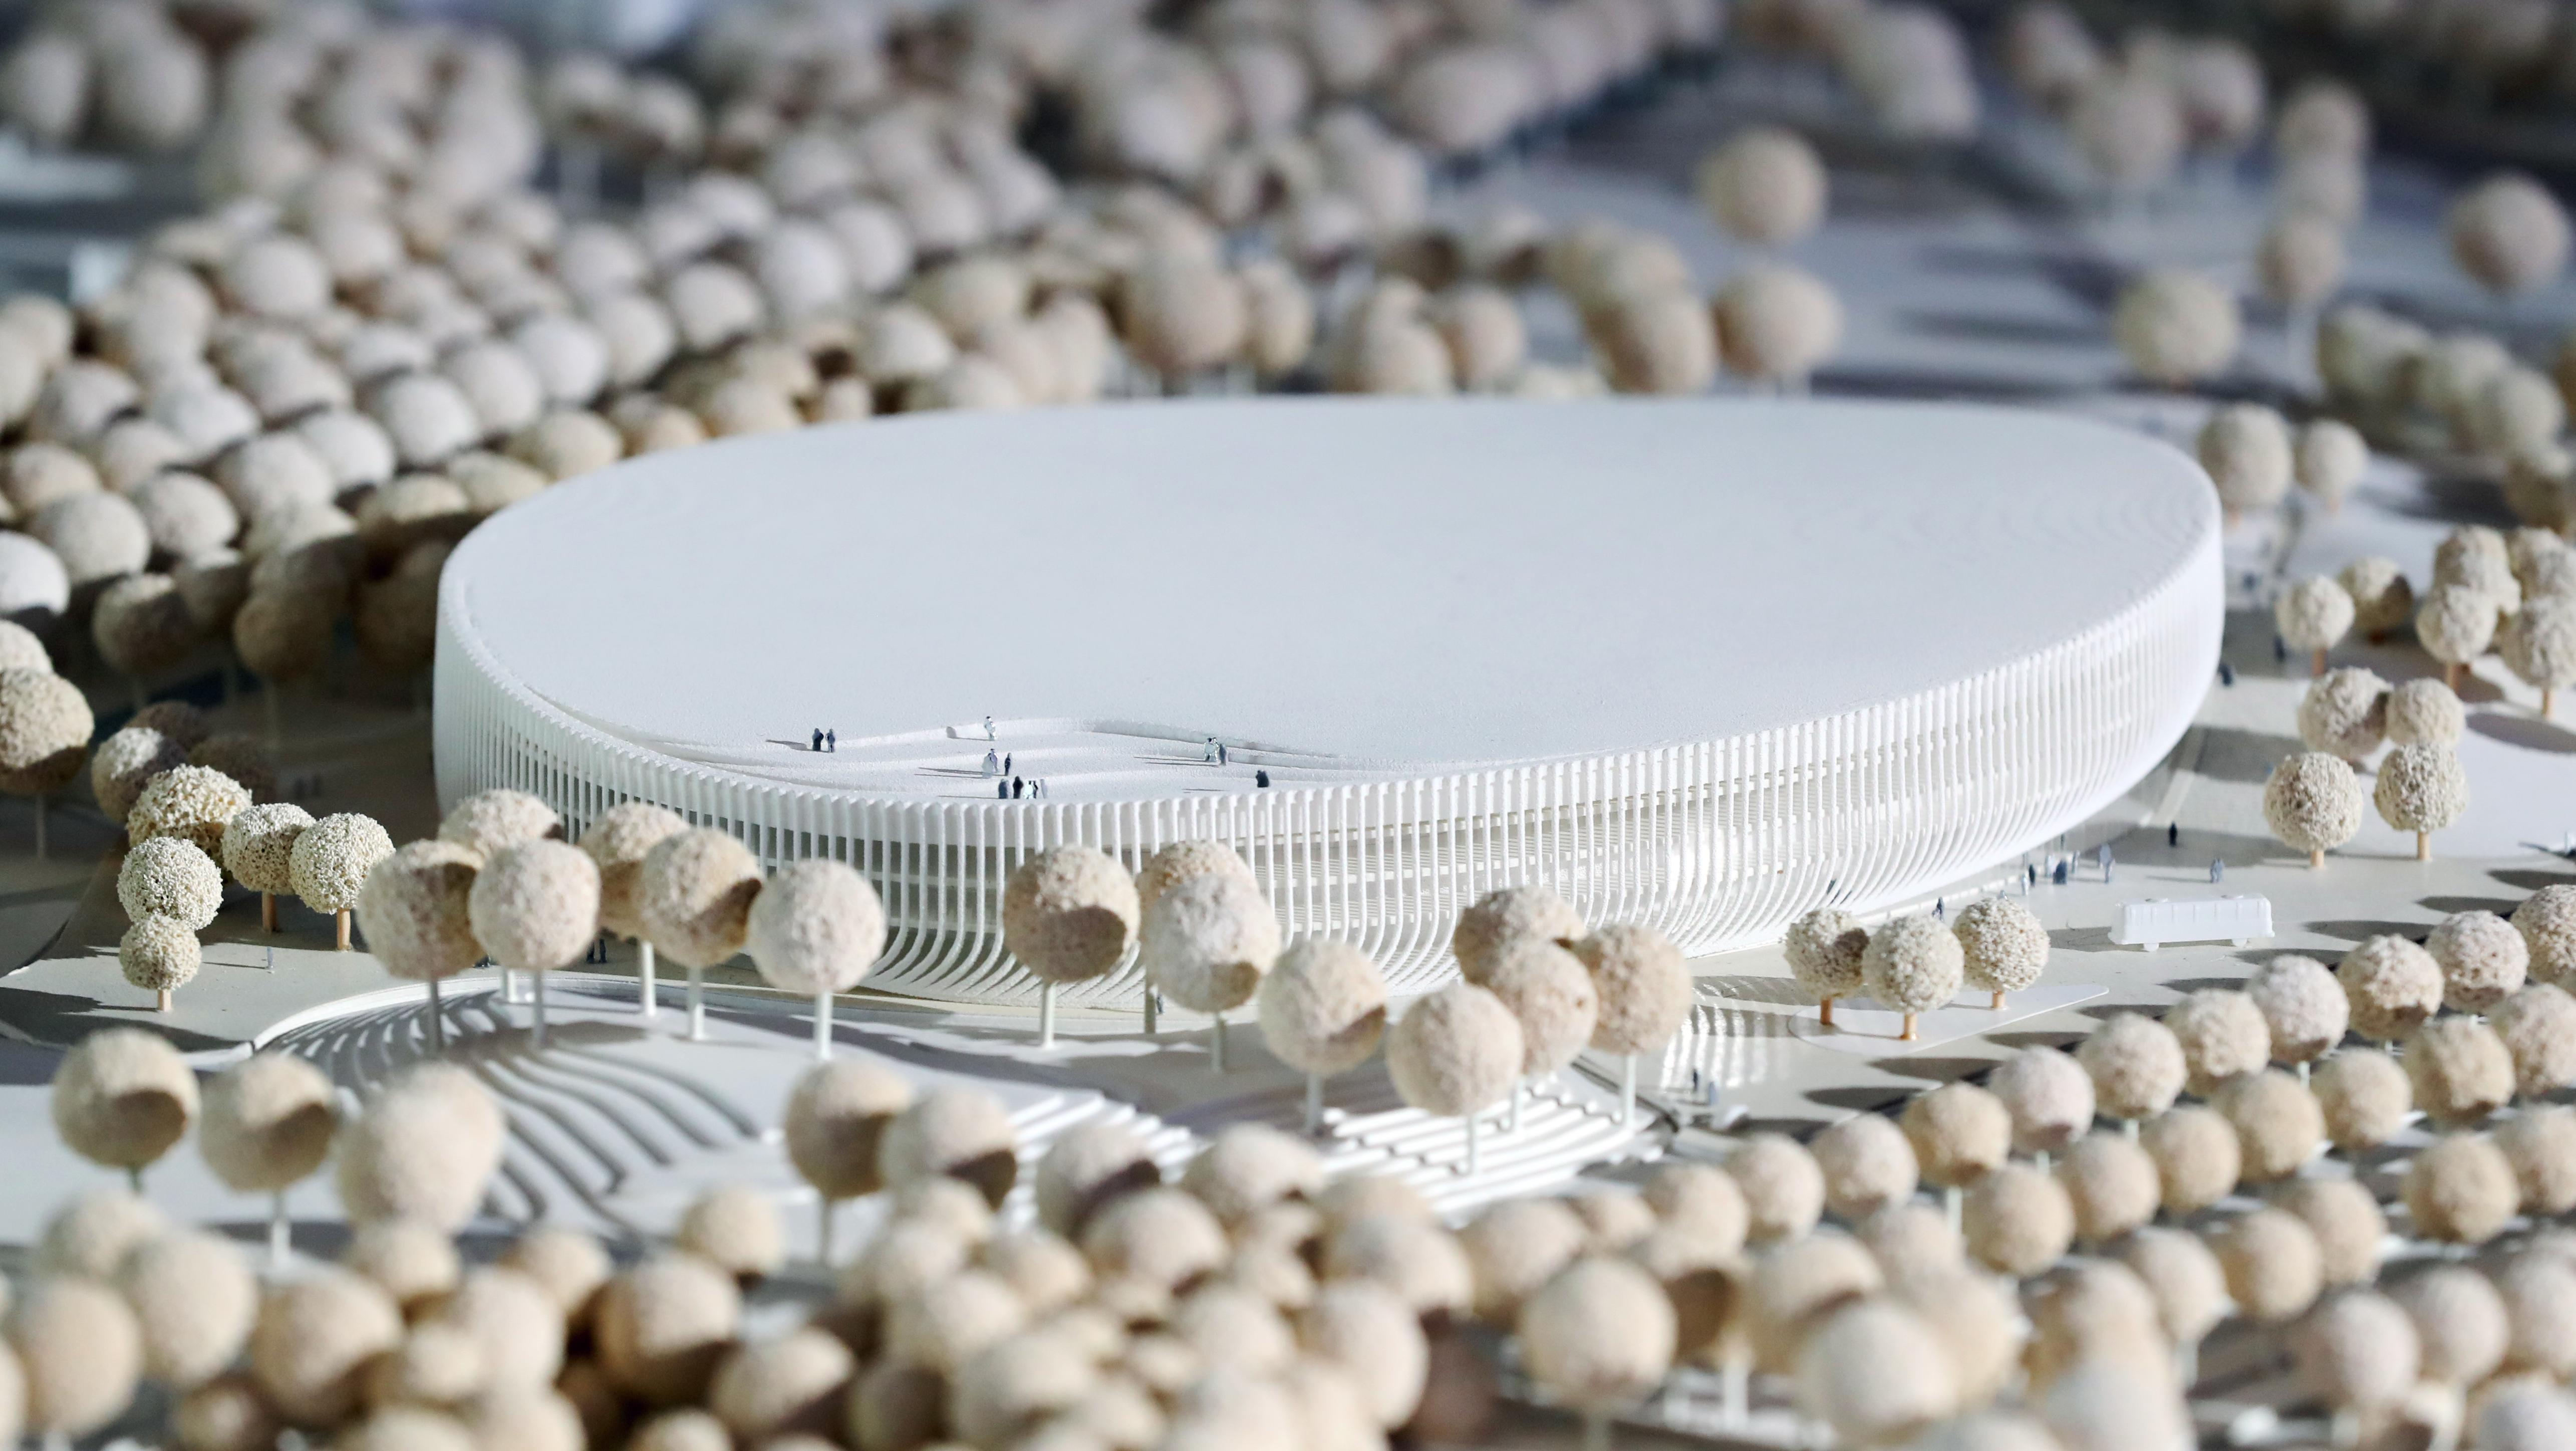 Modell der neuen Basketball- und Eishockey-Arena